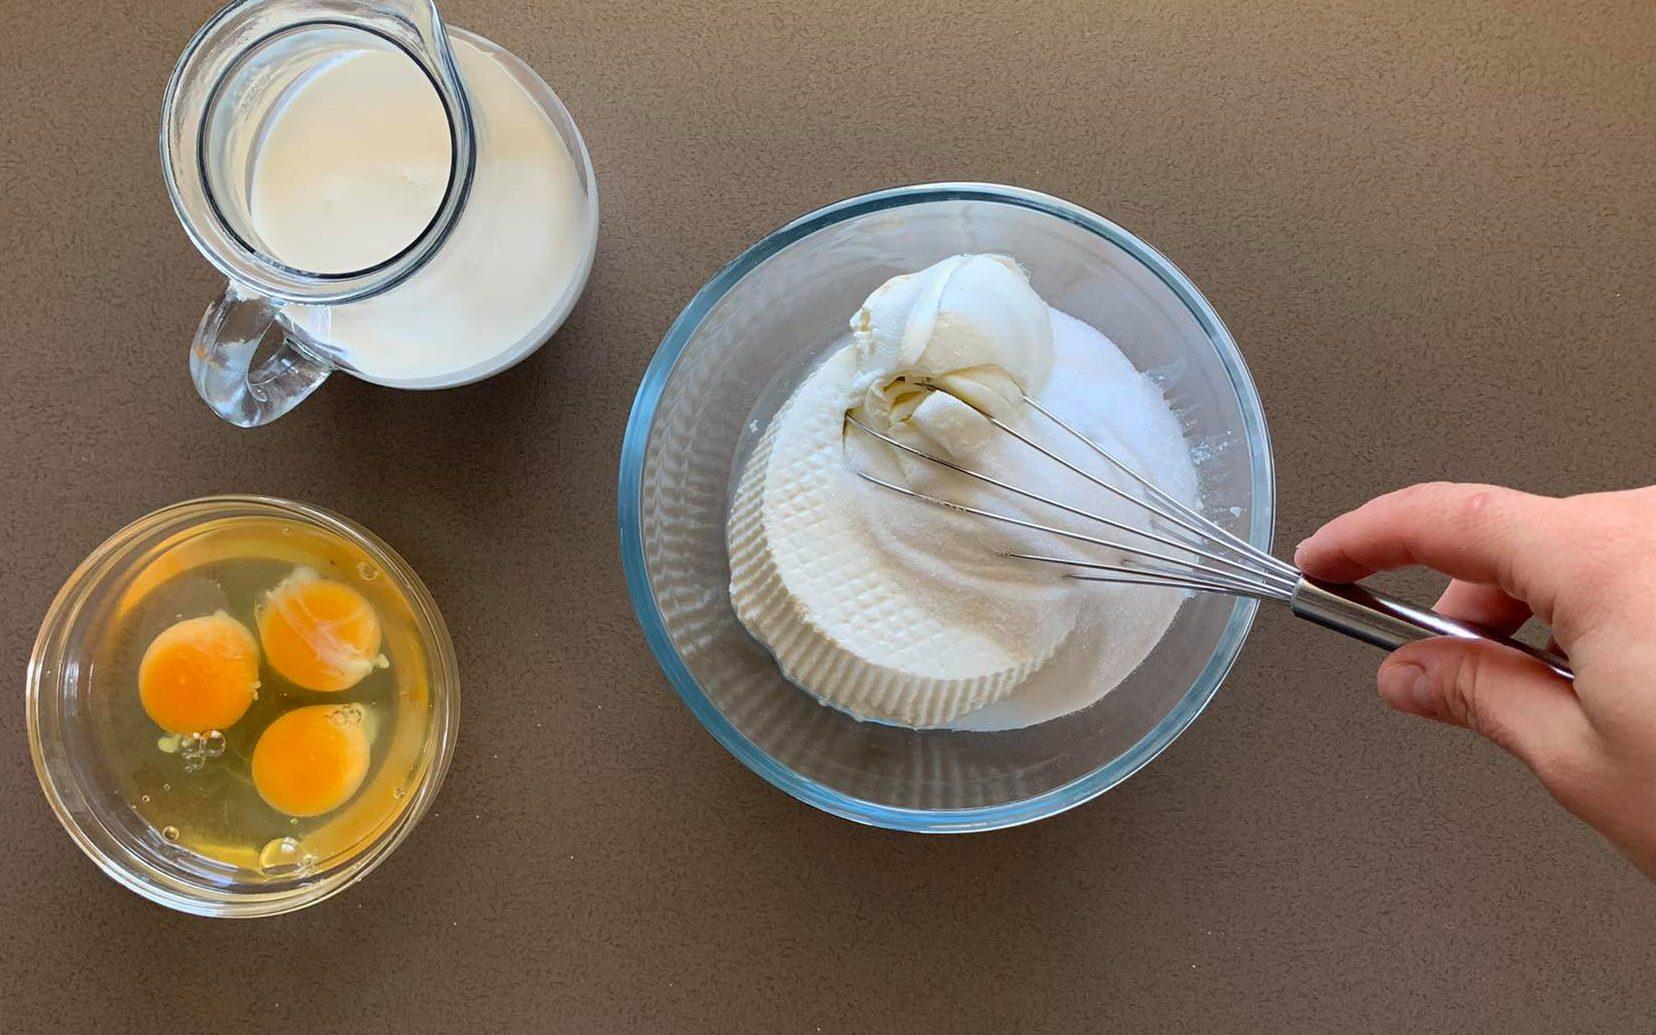 preparare crema